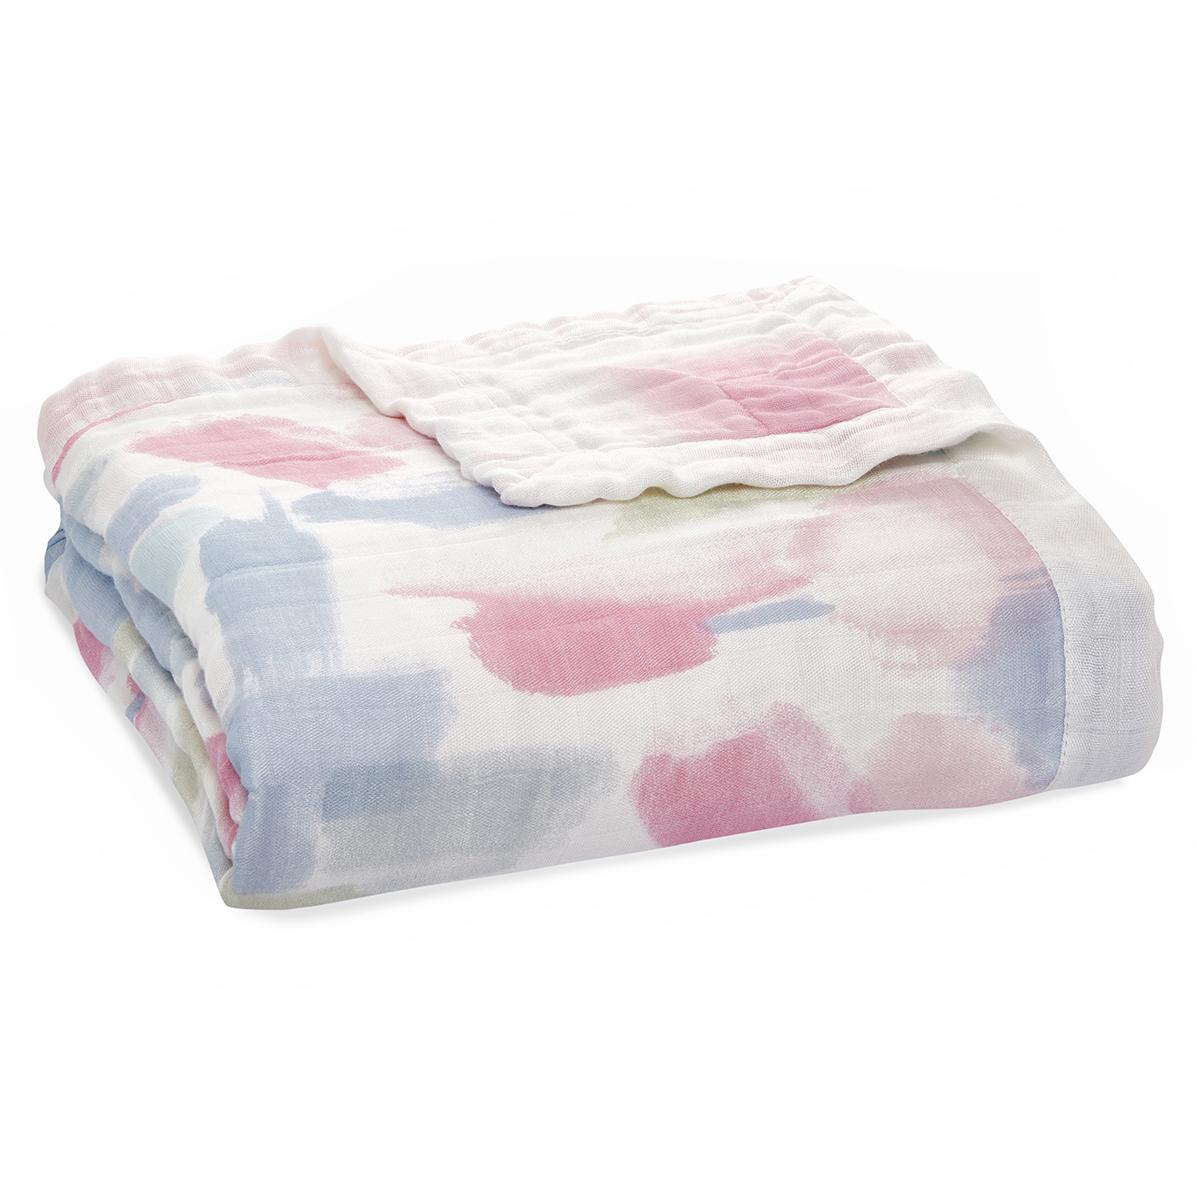 Linge de lit Couverture de Rêve Silky Soft - Florentine Couverture de Rêve Silky Soft - Florentine